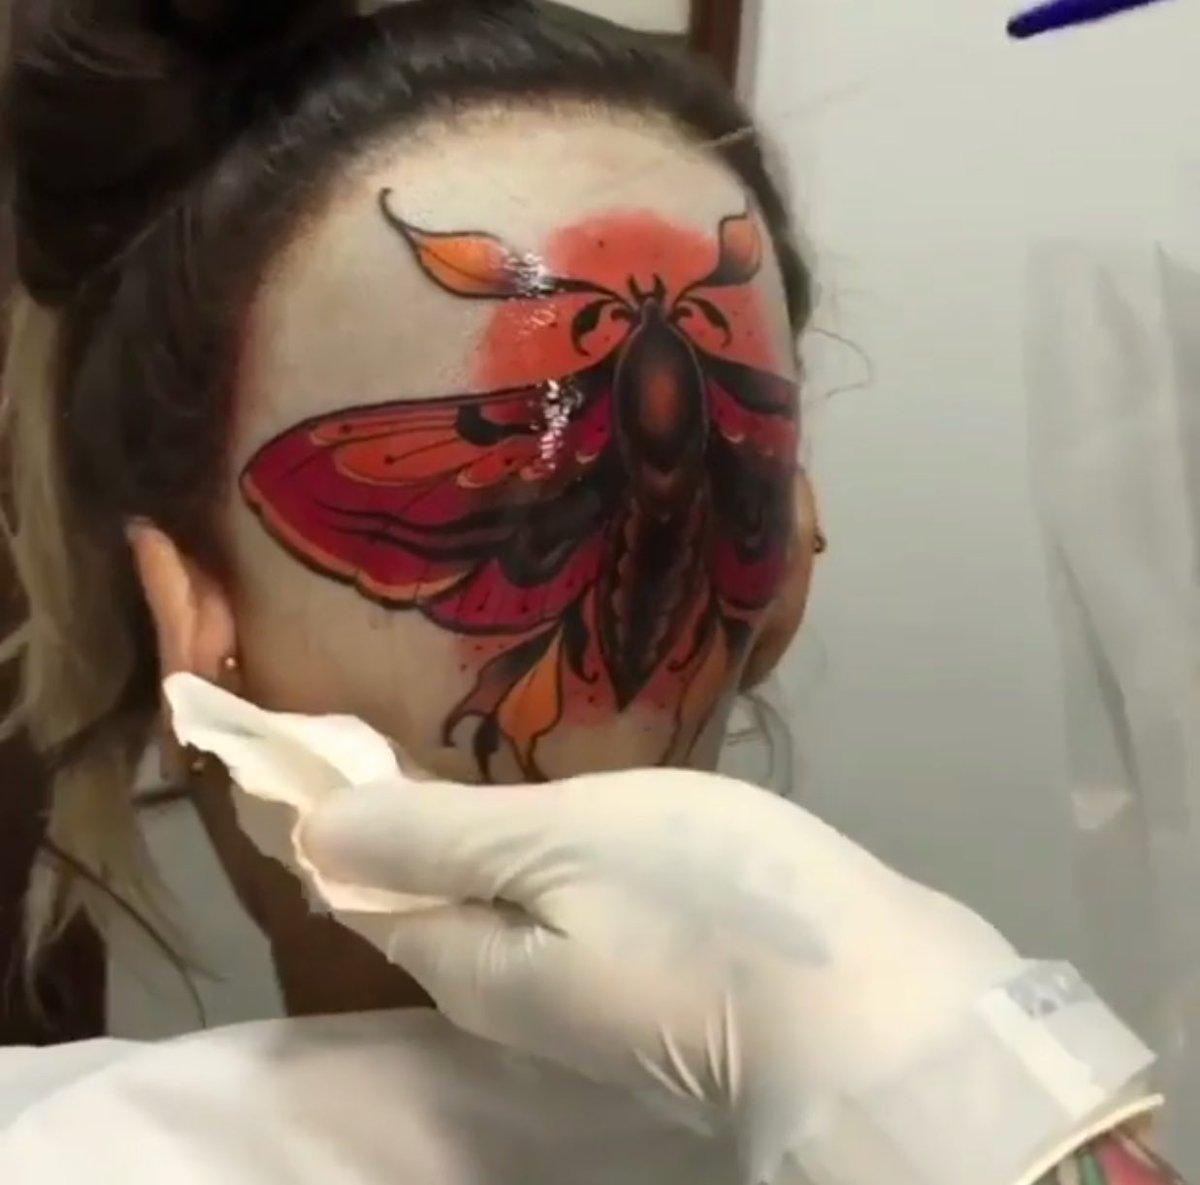 Madre mía la cara tatuada luego pa quita...